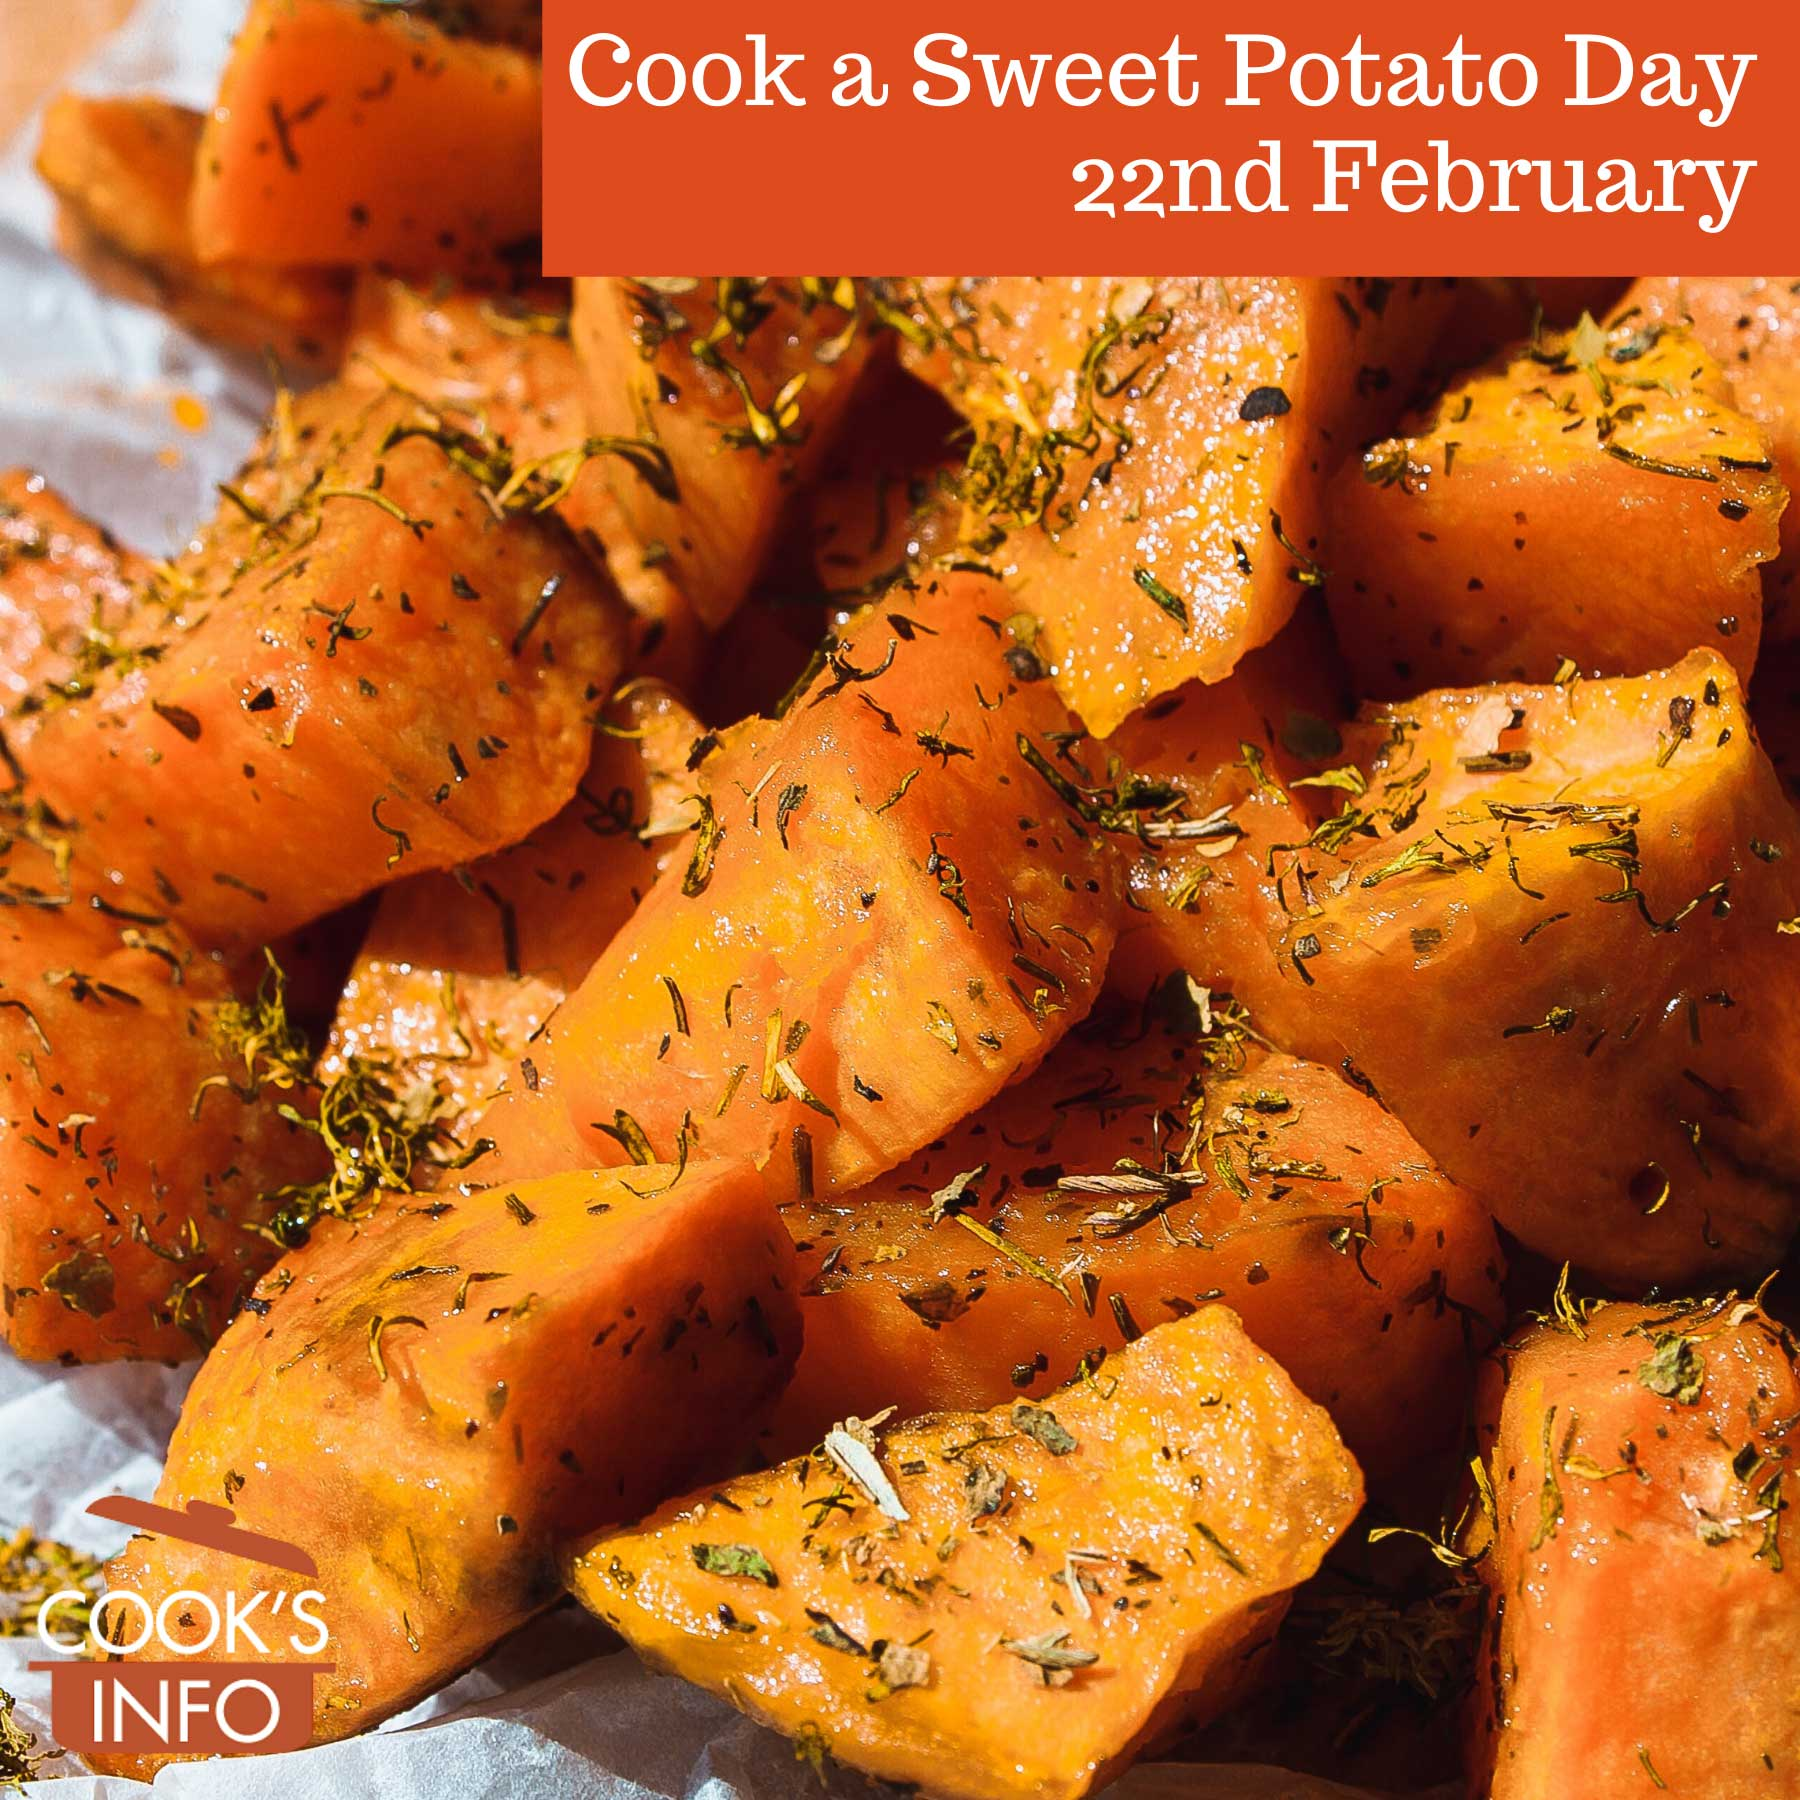 Roasted sweet potatoes. Анастасия Белоусова / Pixabay.com / 2019 / CC0 1.0